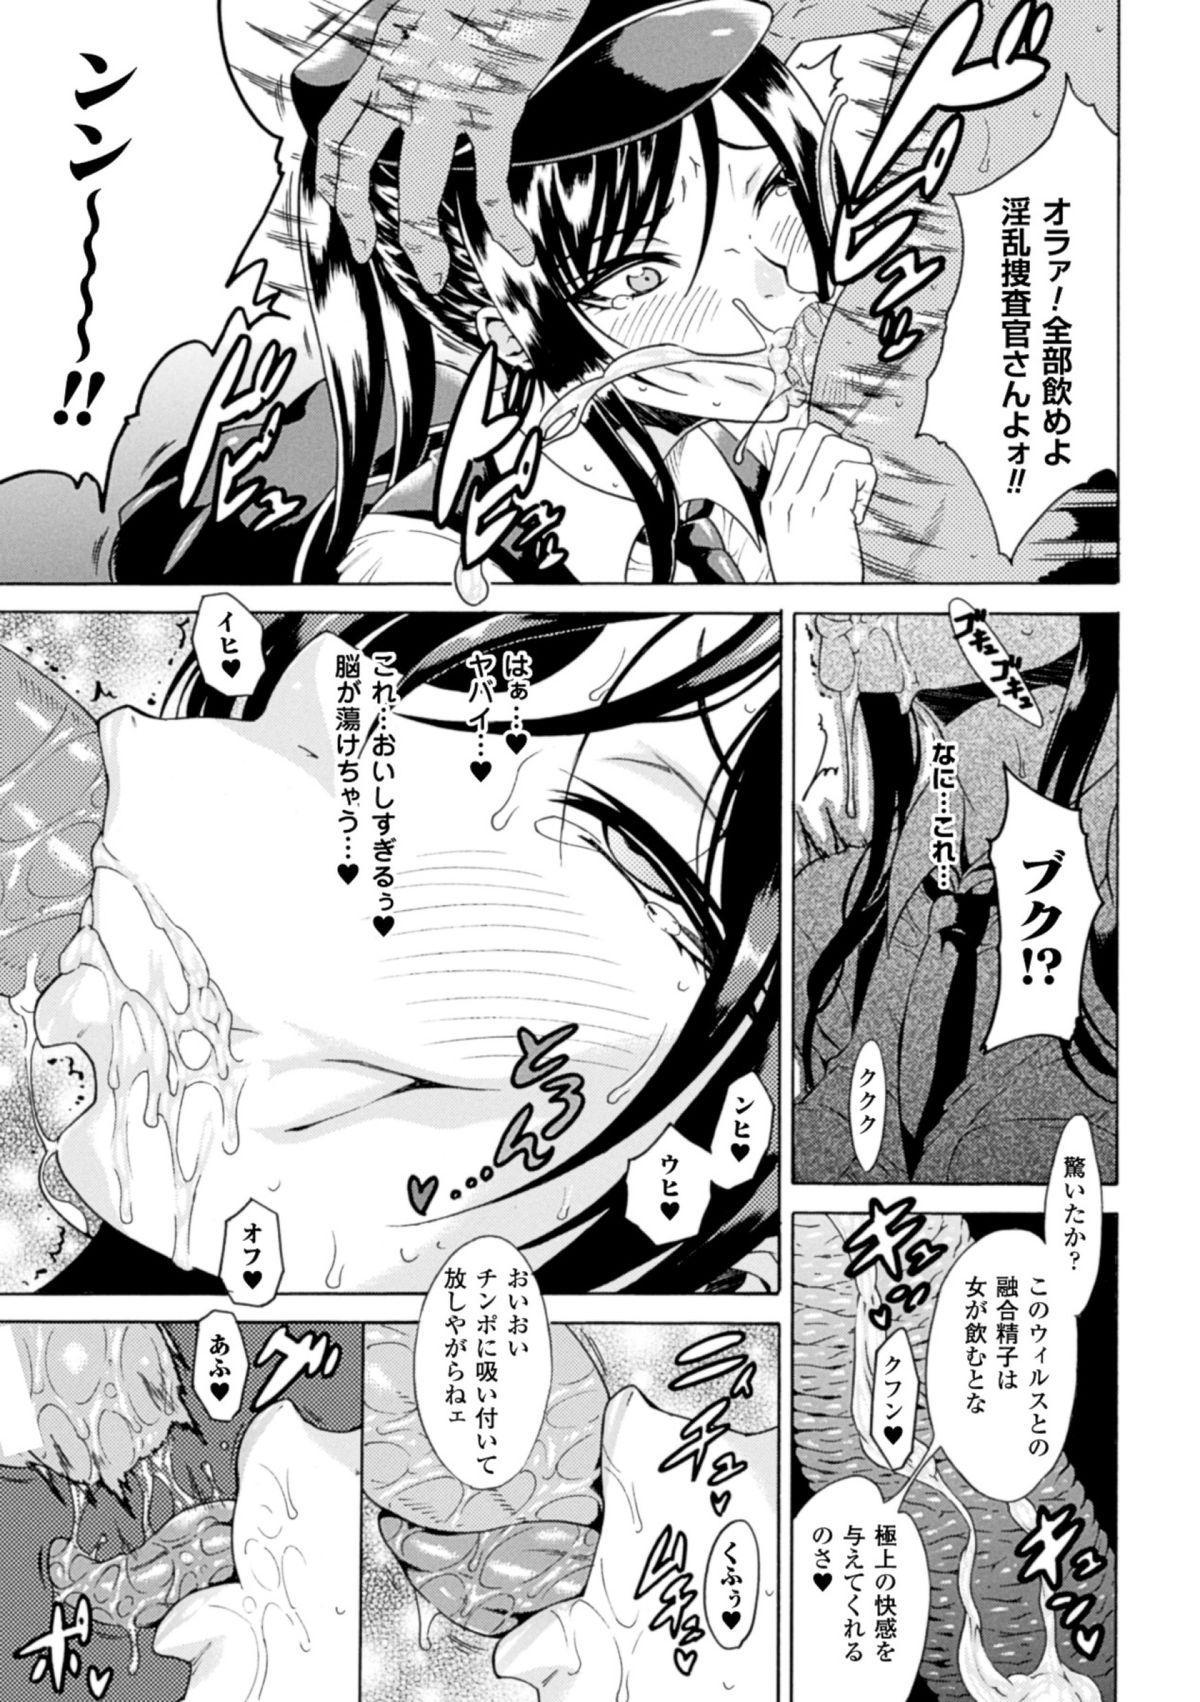 Hyottoko FellaGao wo Sarasu Bishoujo-tachi Vol. 1 12